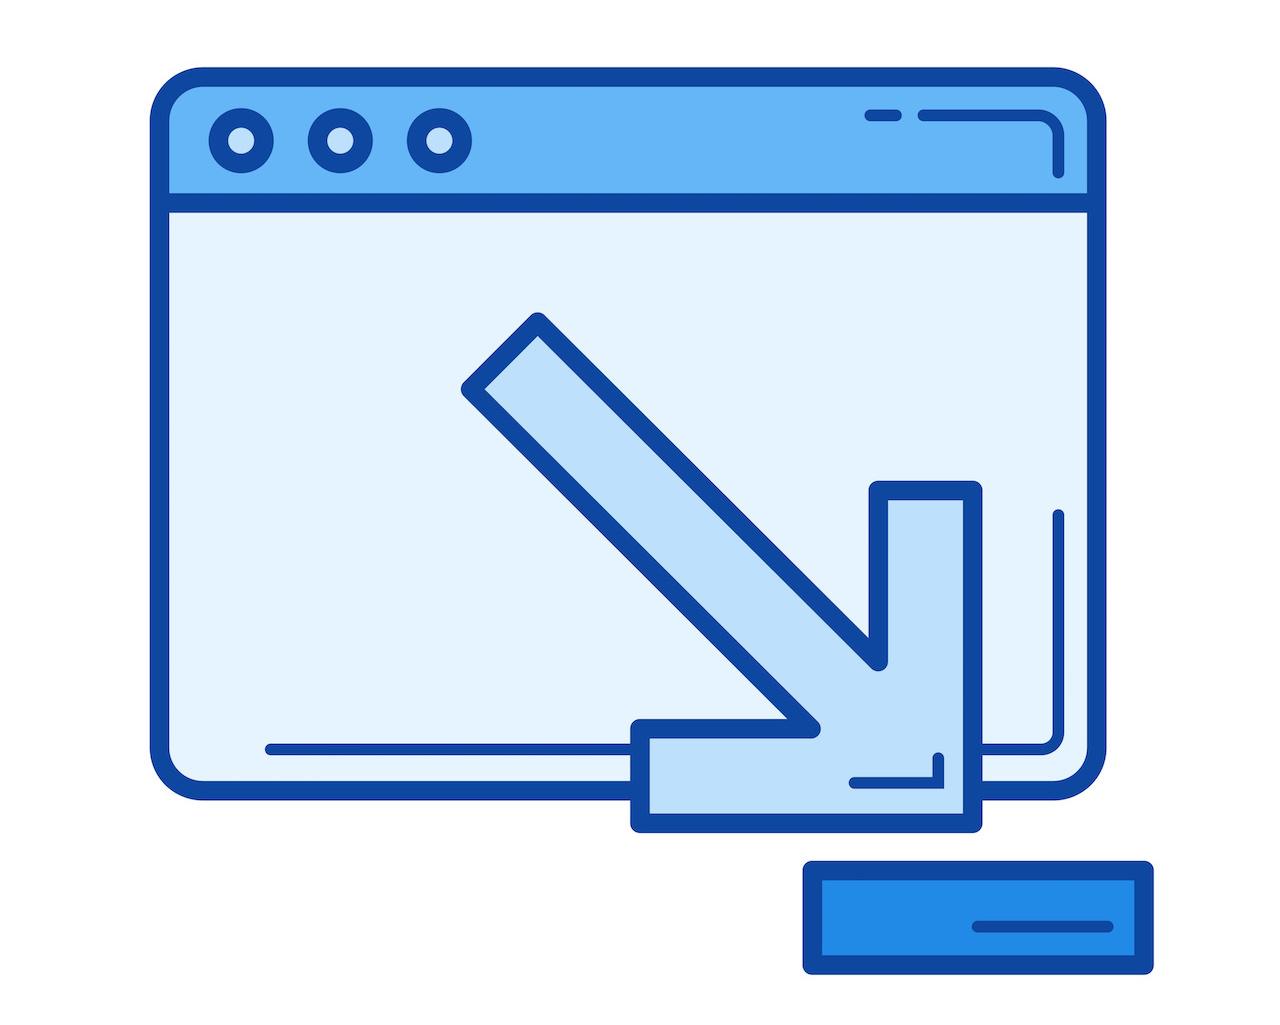 Windows10でダウンロードファイルの保存先を指定のフォルダへ変更する方法